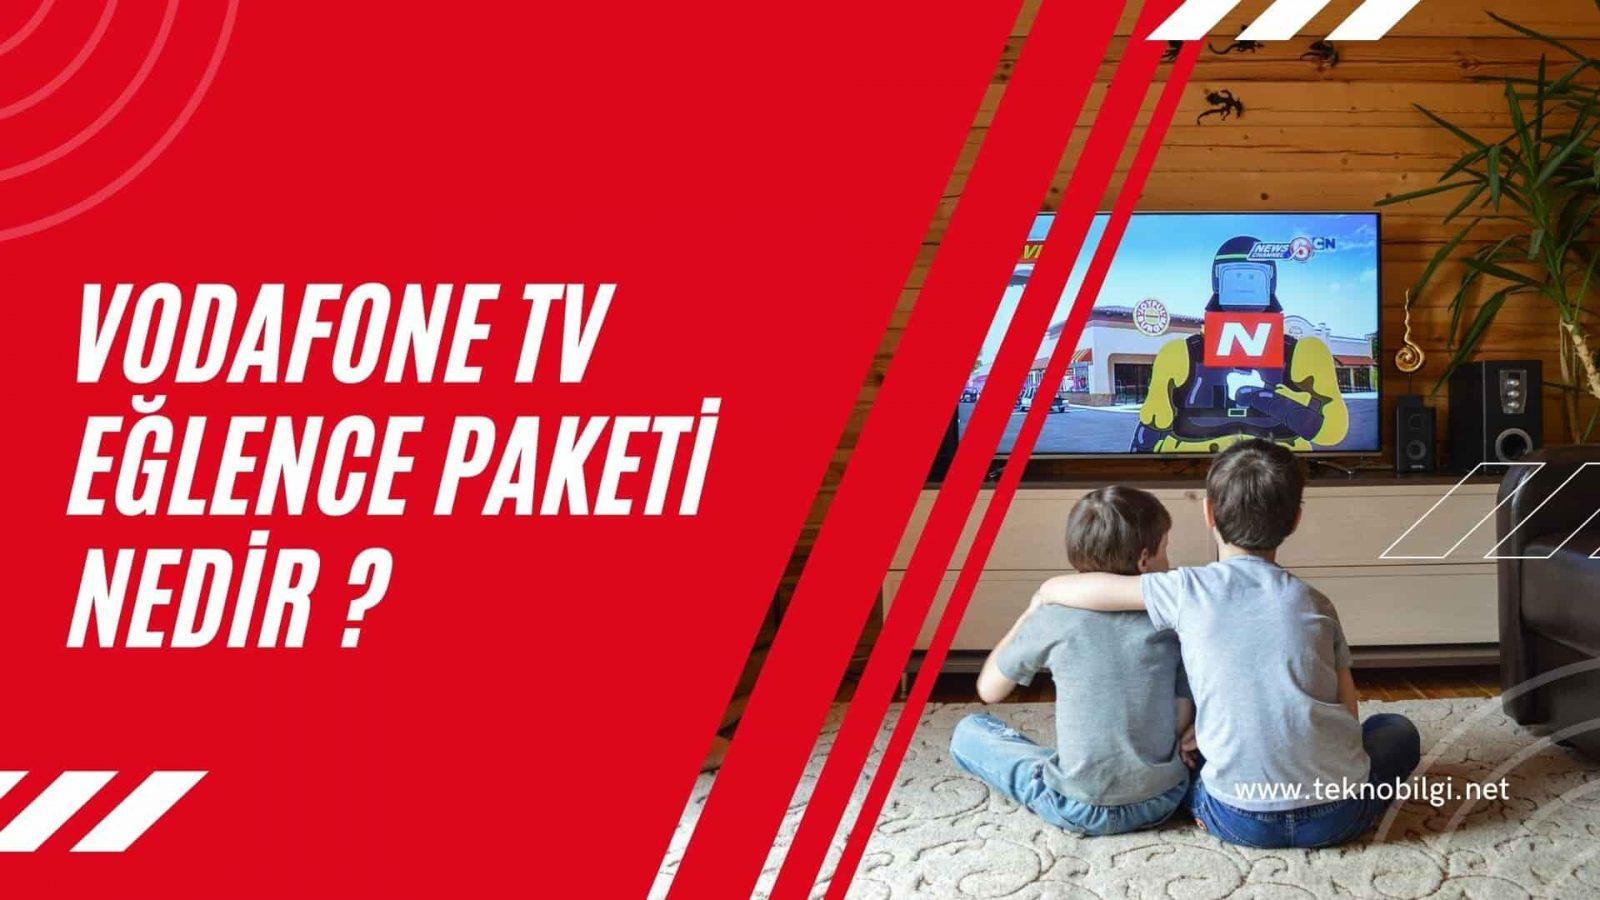 Vodafone Tv Eğlence Paketi Nedir, Vodafone Tv Eğlence Paketi Nedir ?